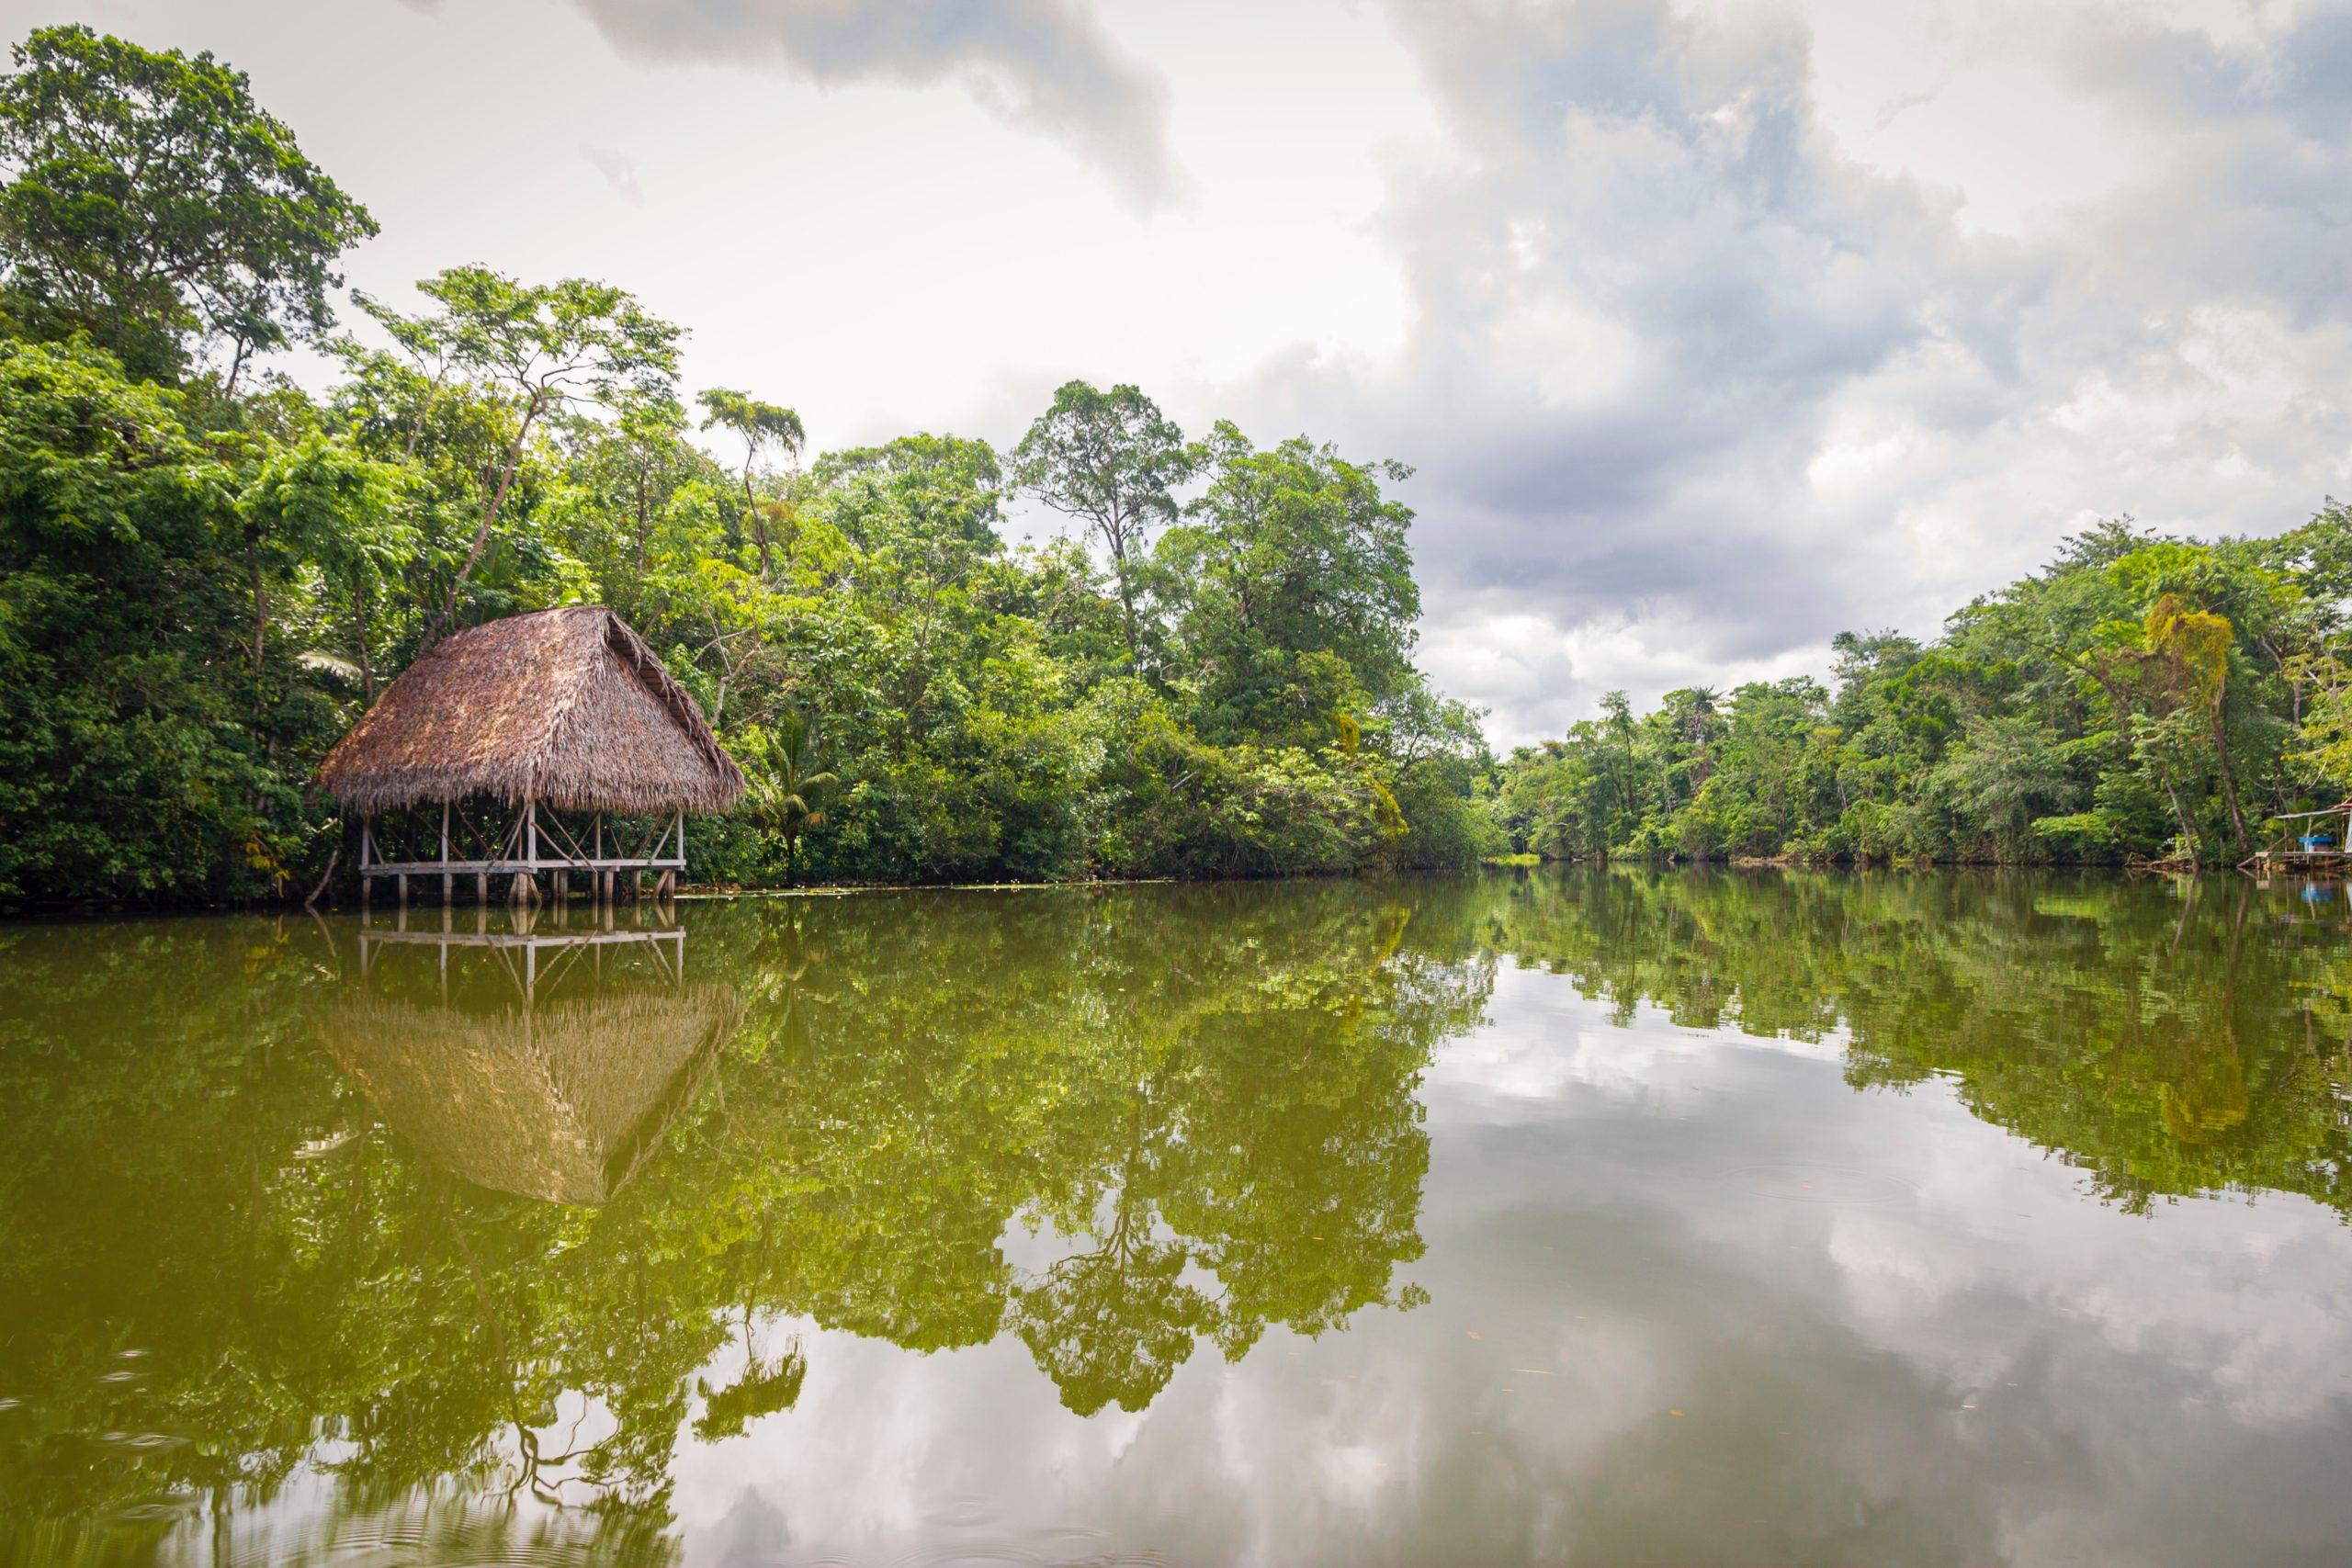 Eine Hütte steht auf Pfähler in einem Fluss